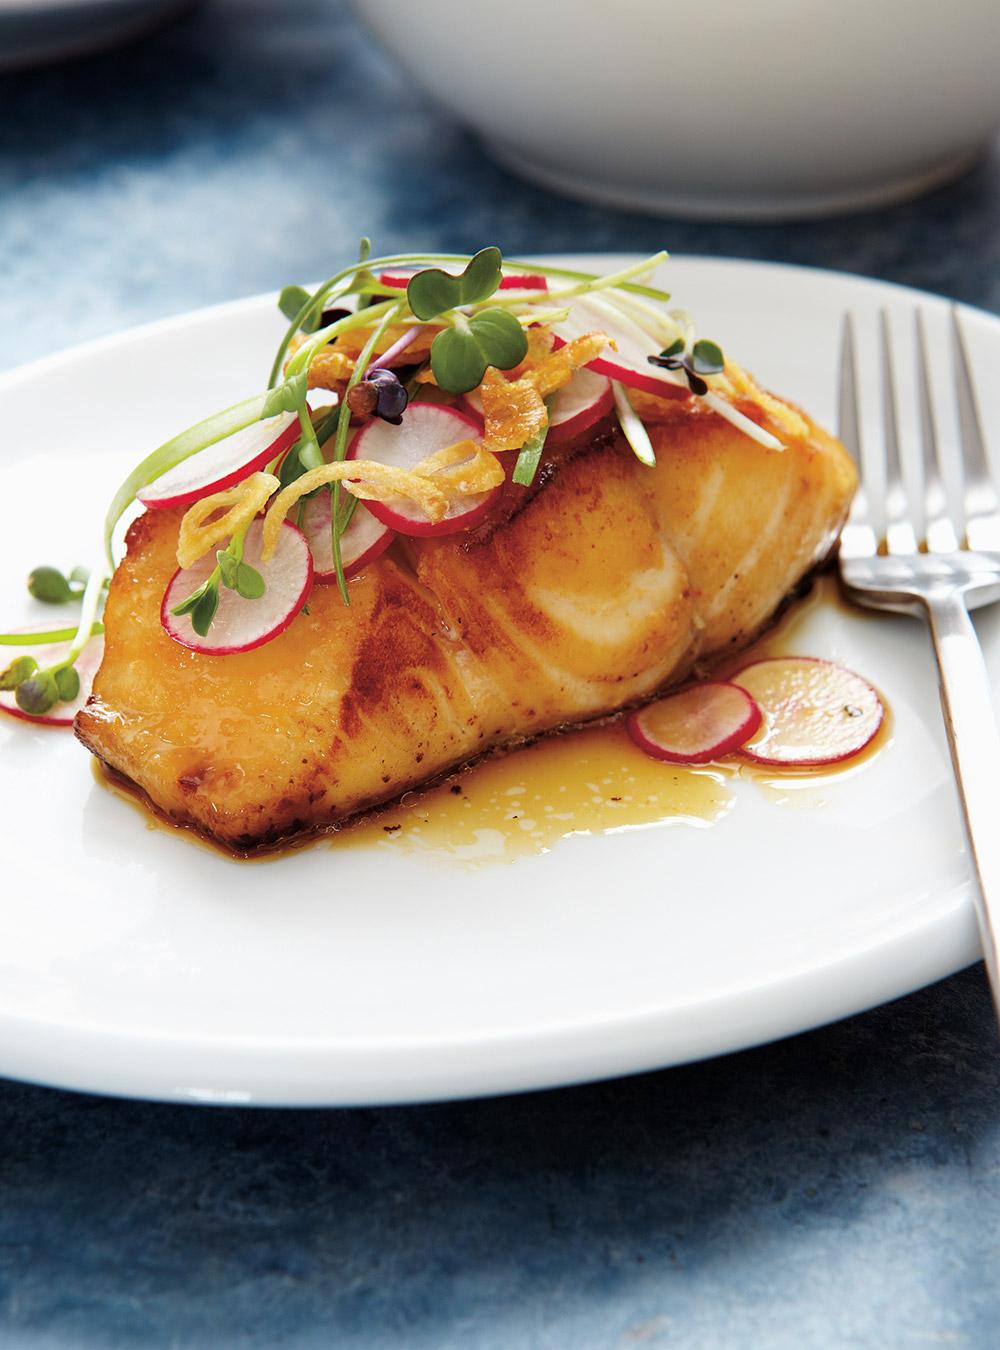 Cuisinez les poissons comme un chef  page 4 | ricardo